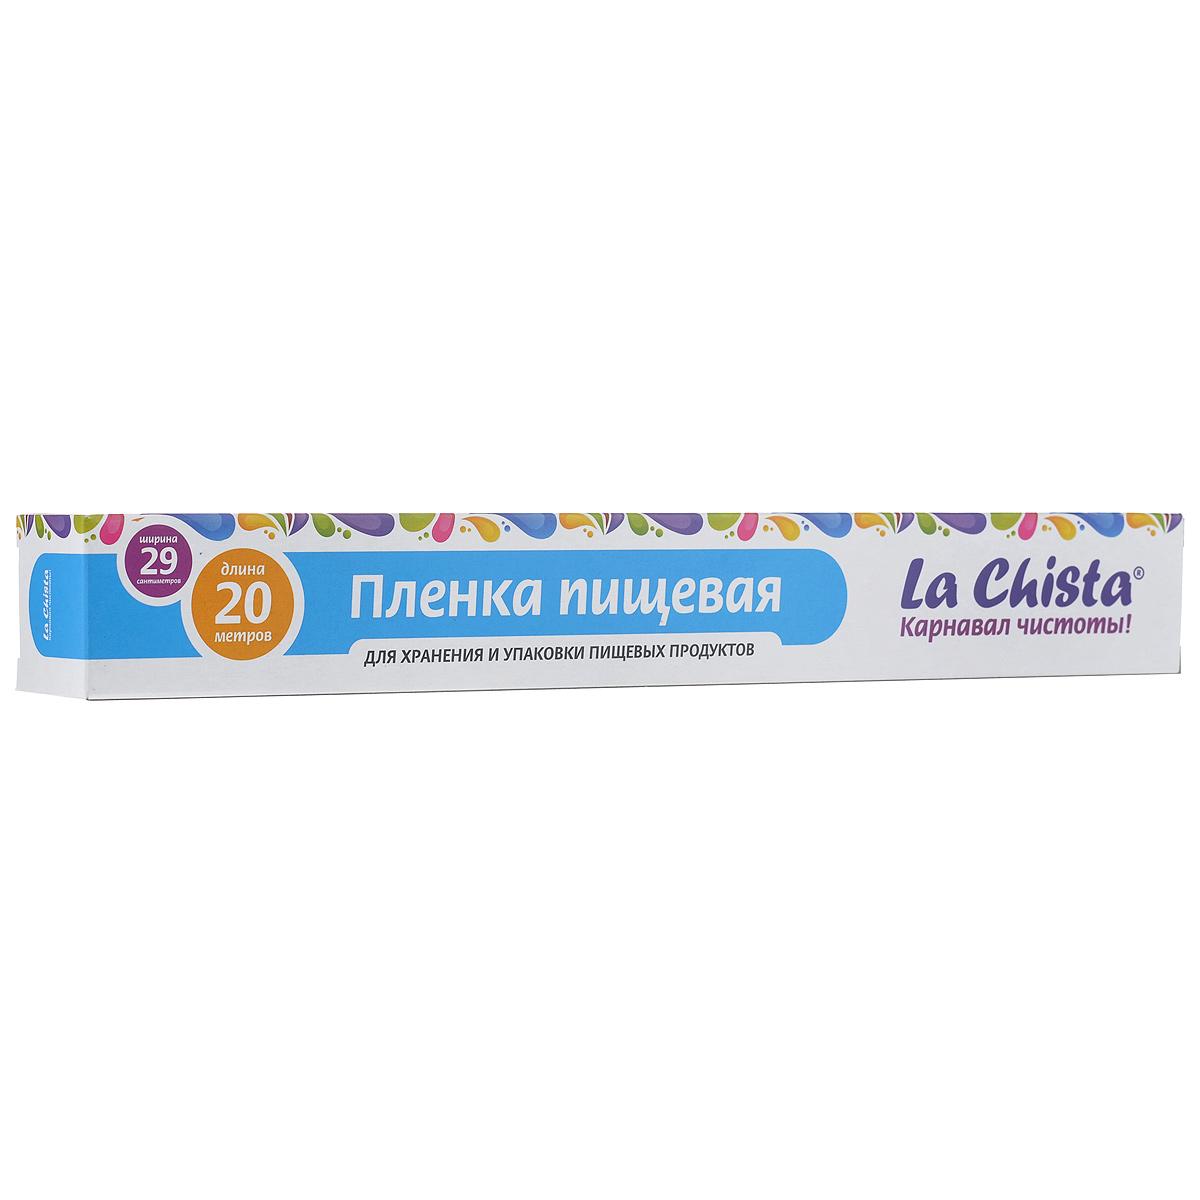 Пленка пищевая La Chista, 20 м х 29 см870260Экологически чистая пленка La Chista помогает сохранить свойства продуктов, предотвращает их быстрое высыхание, защищает от воздействий внешней среды и пропитывания посторонними запахами. Выполнена из полиэтилена.